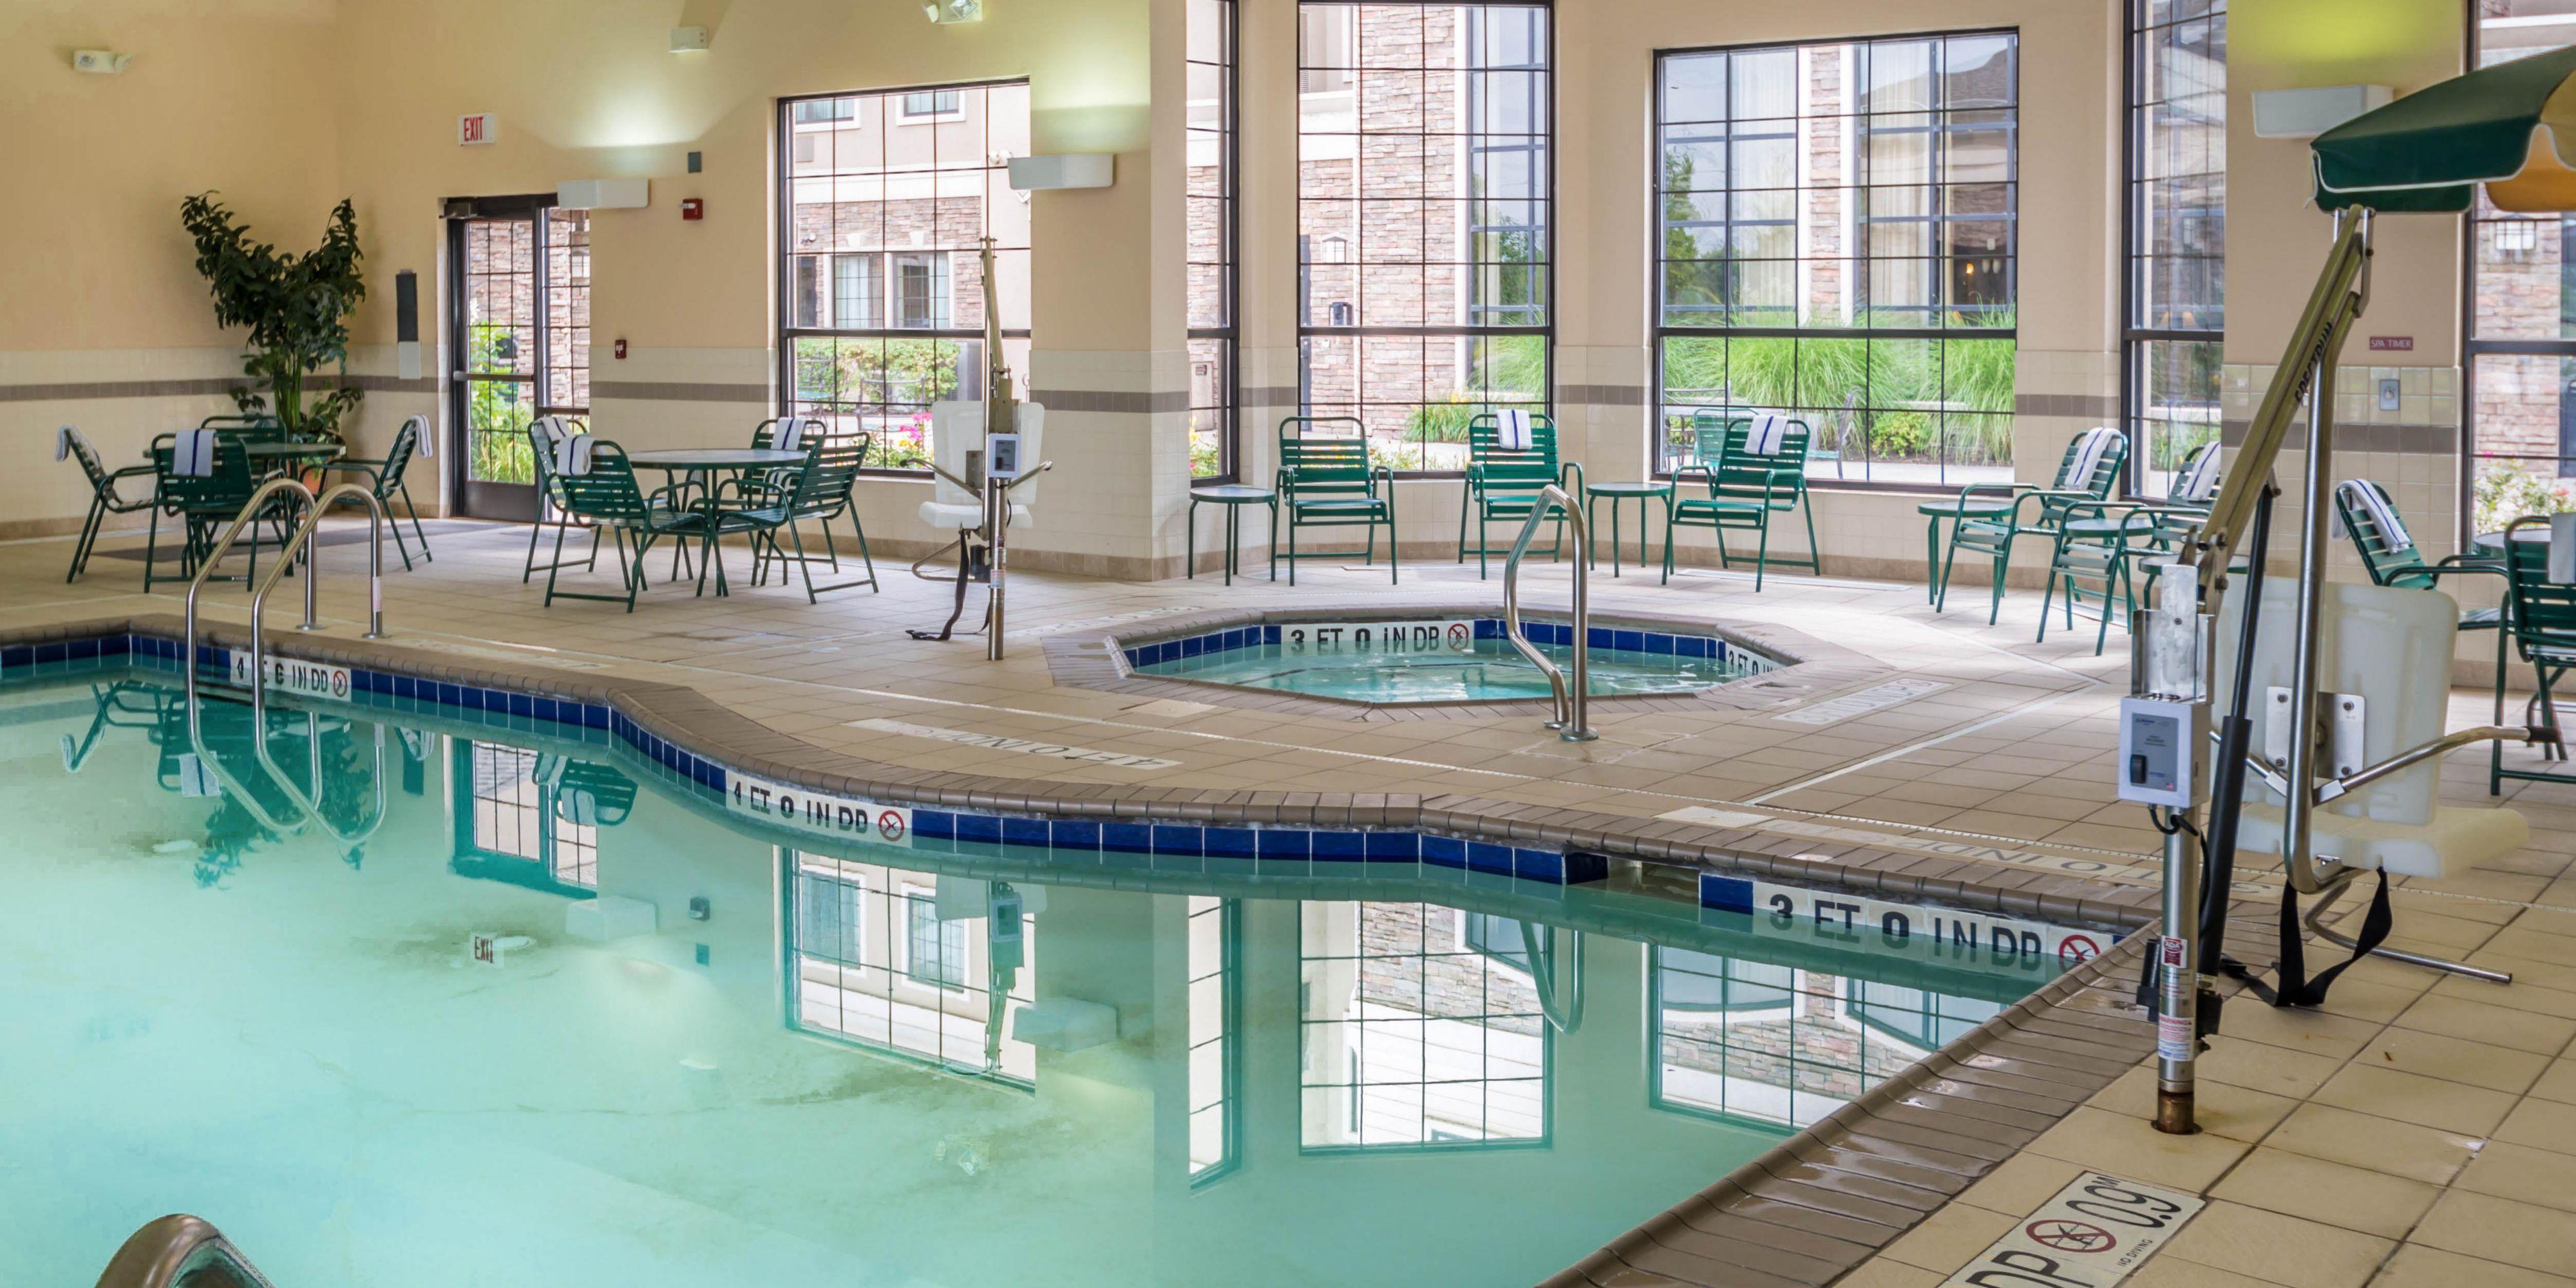 Staybridge Suites Toledo - Maumee image 1